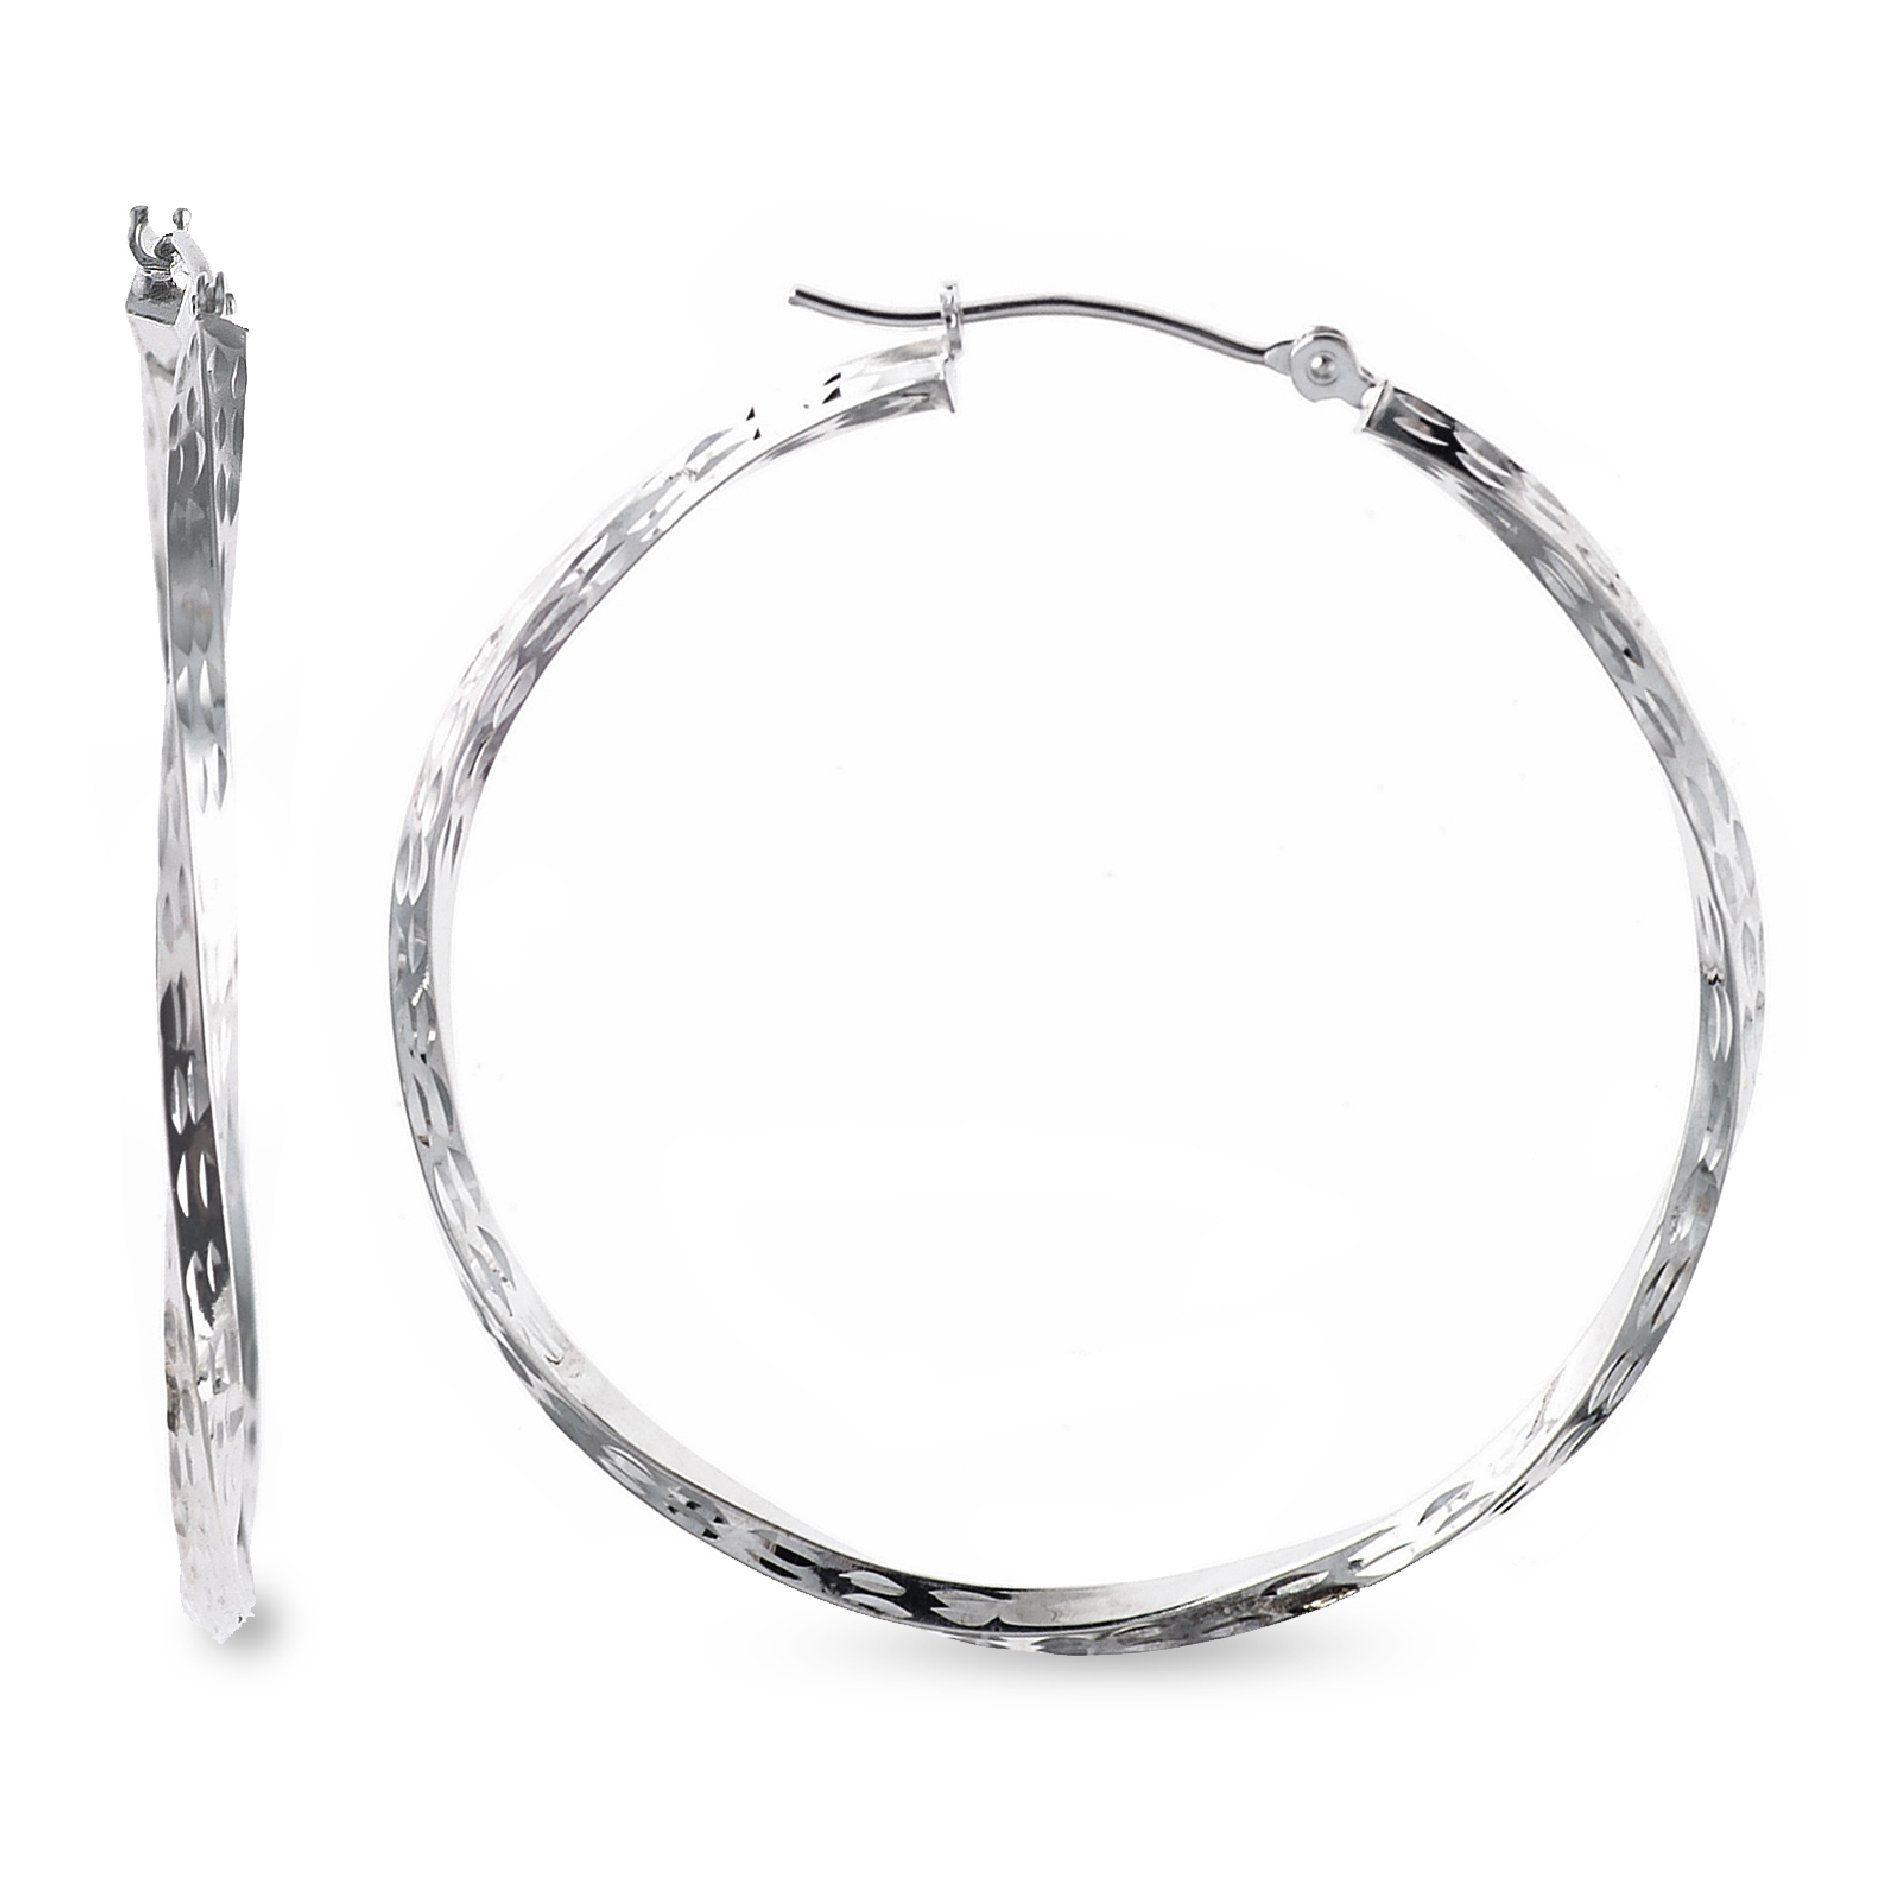 10K White Gold Dimond Cut Twist Hoop Earrings